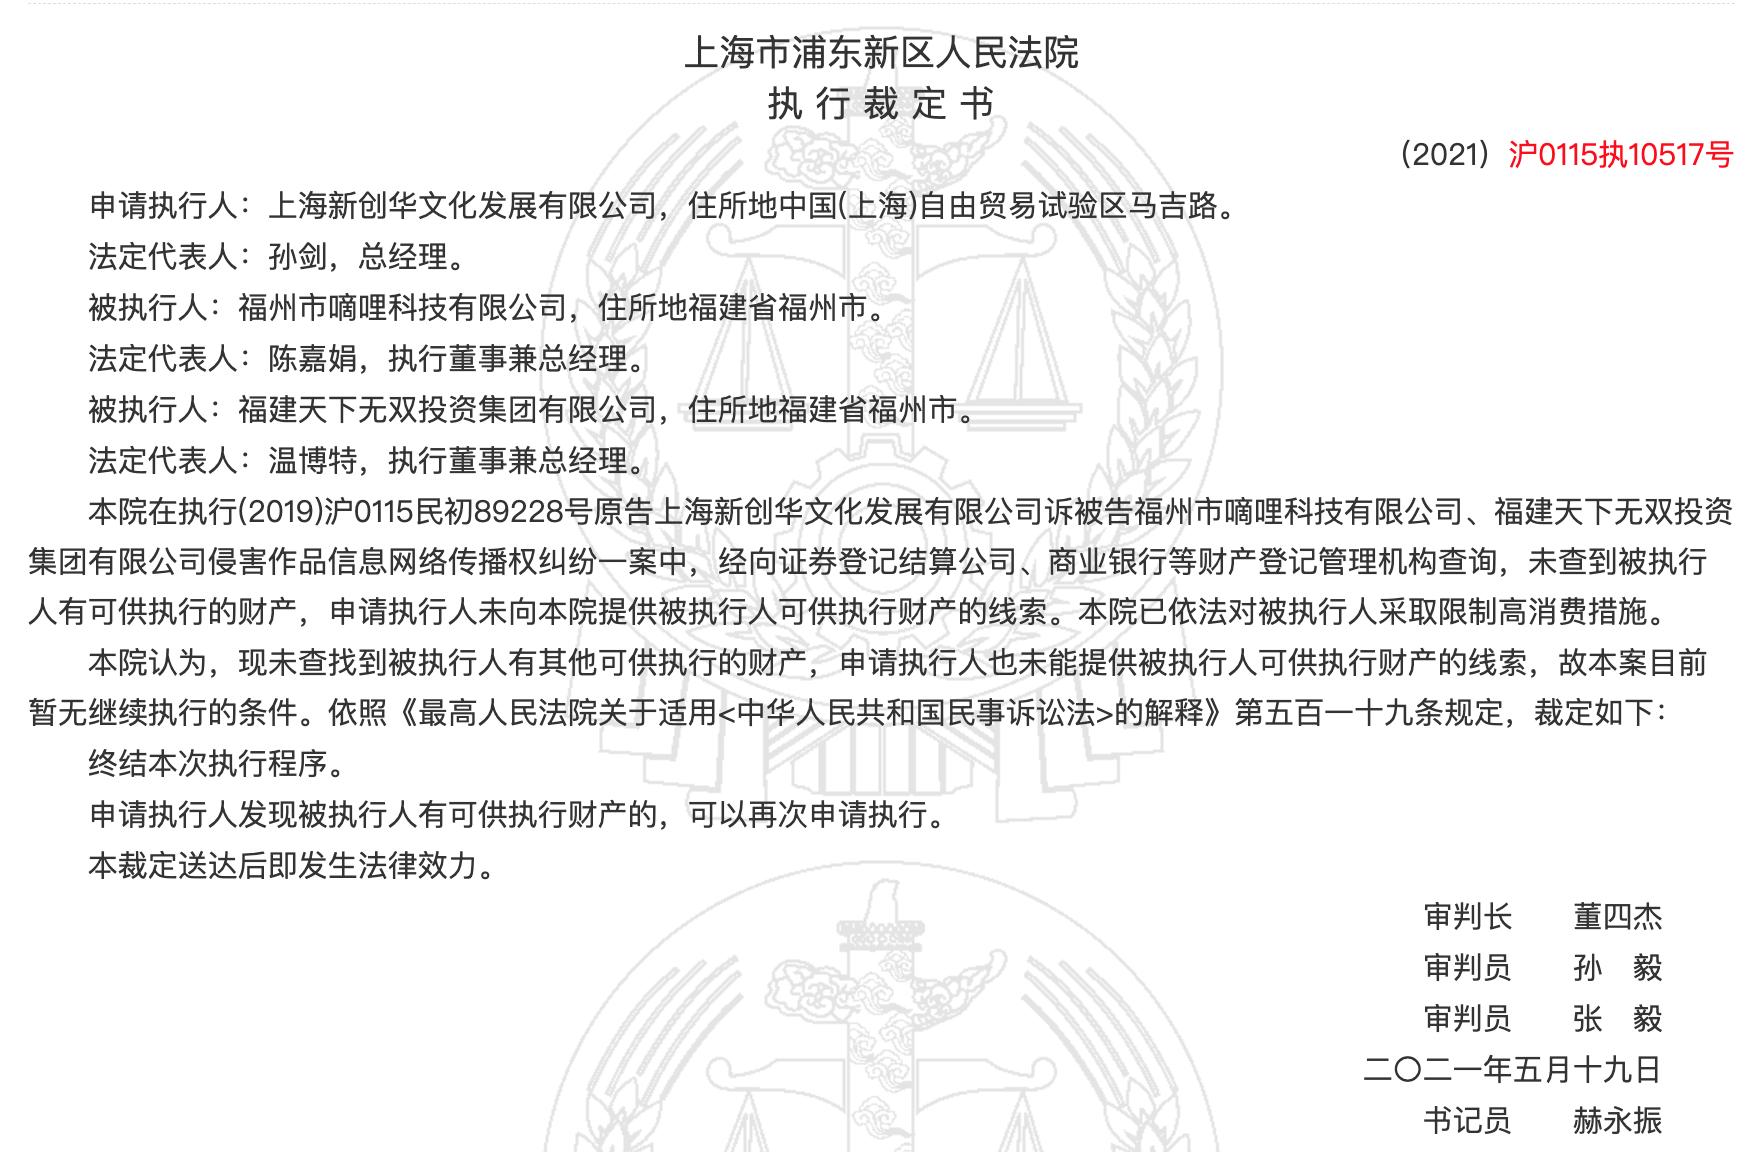 上海市浦东新区人民法院执行裁定书